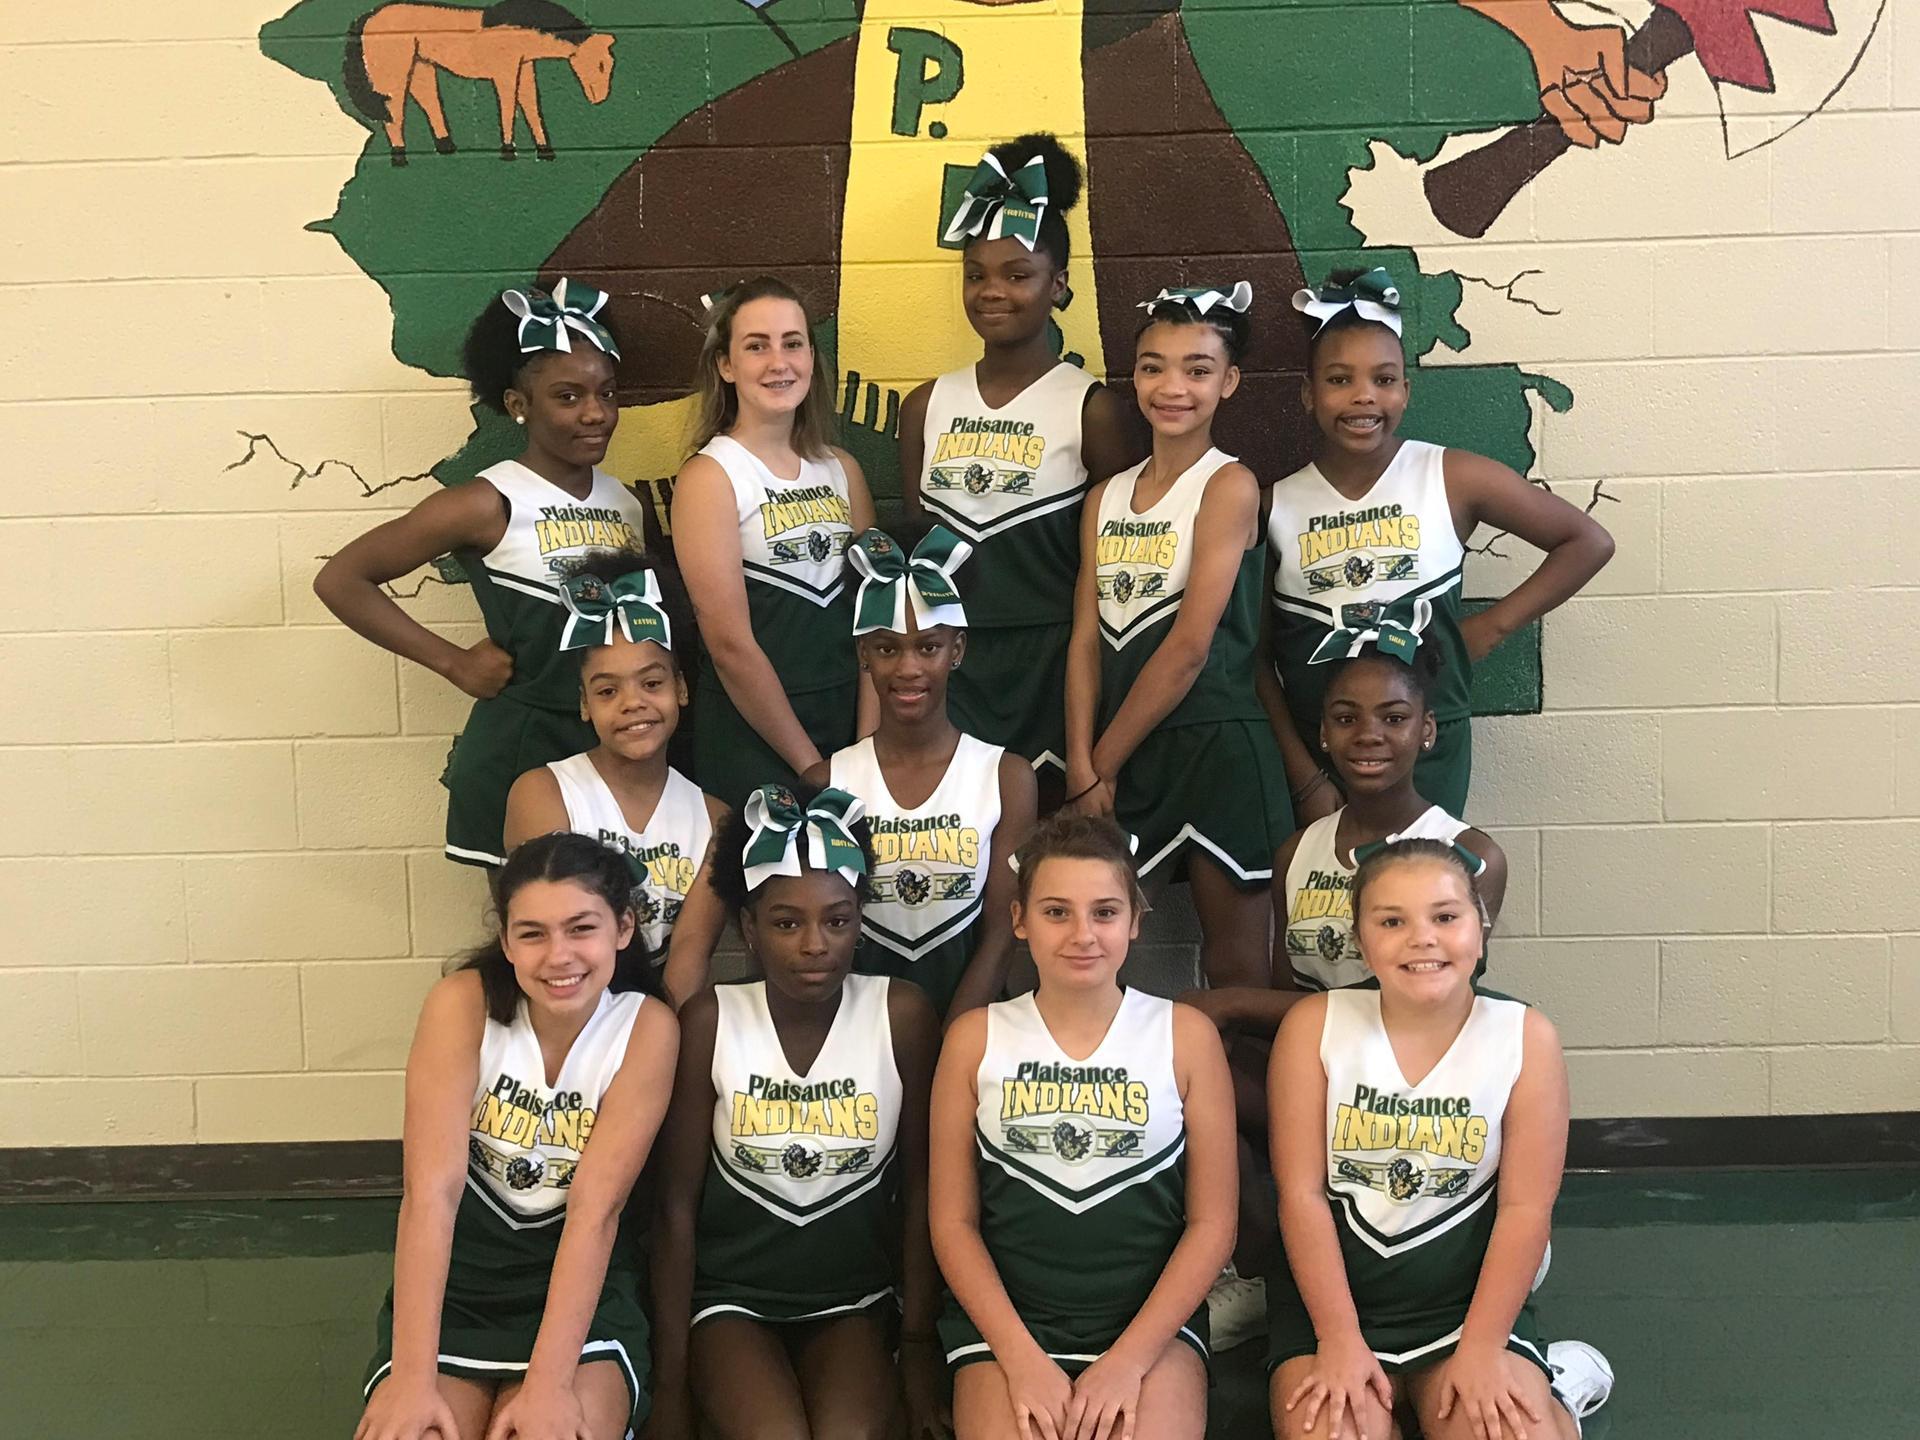 2019-2020 cheerleaders